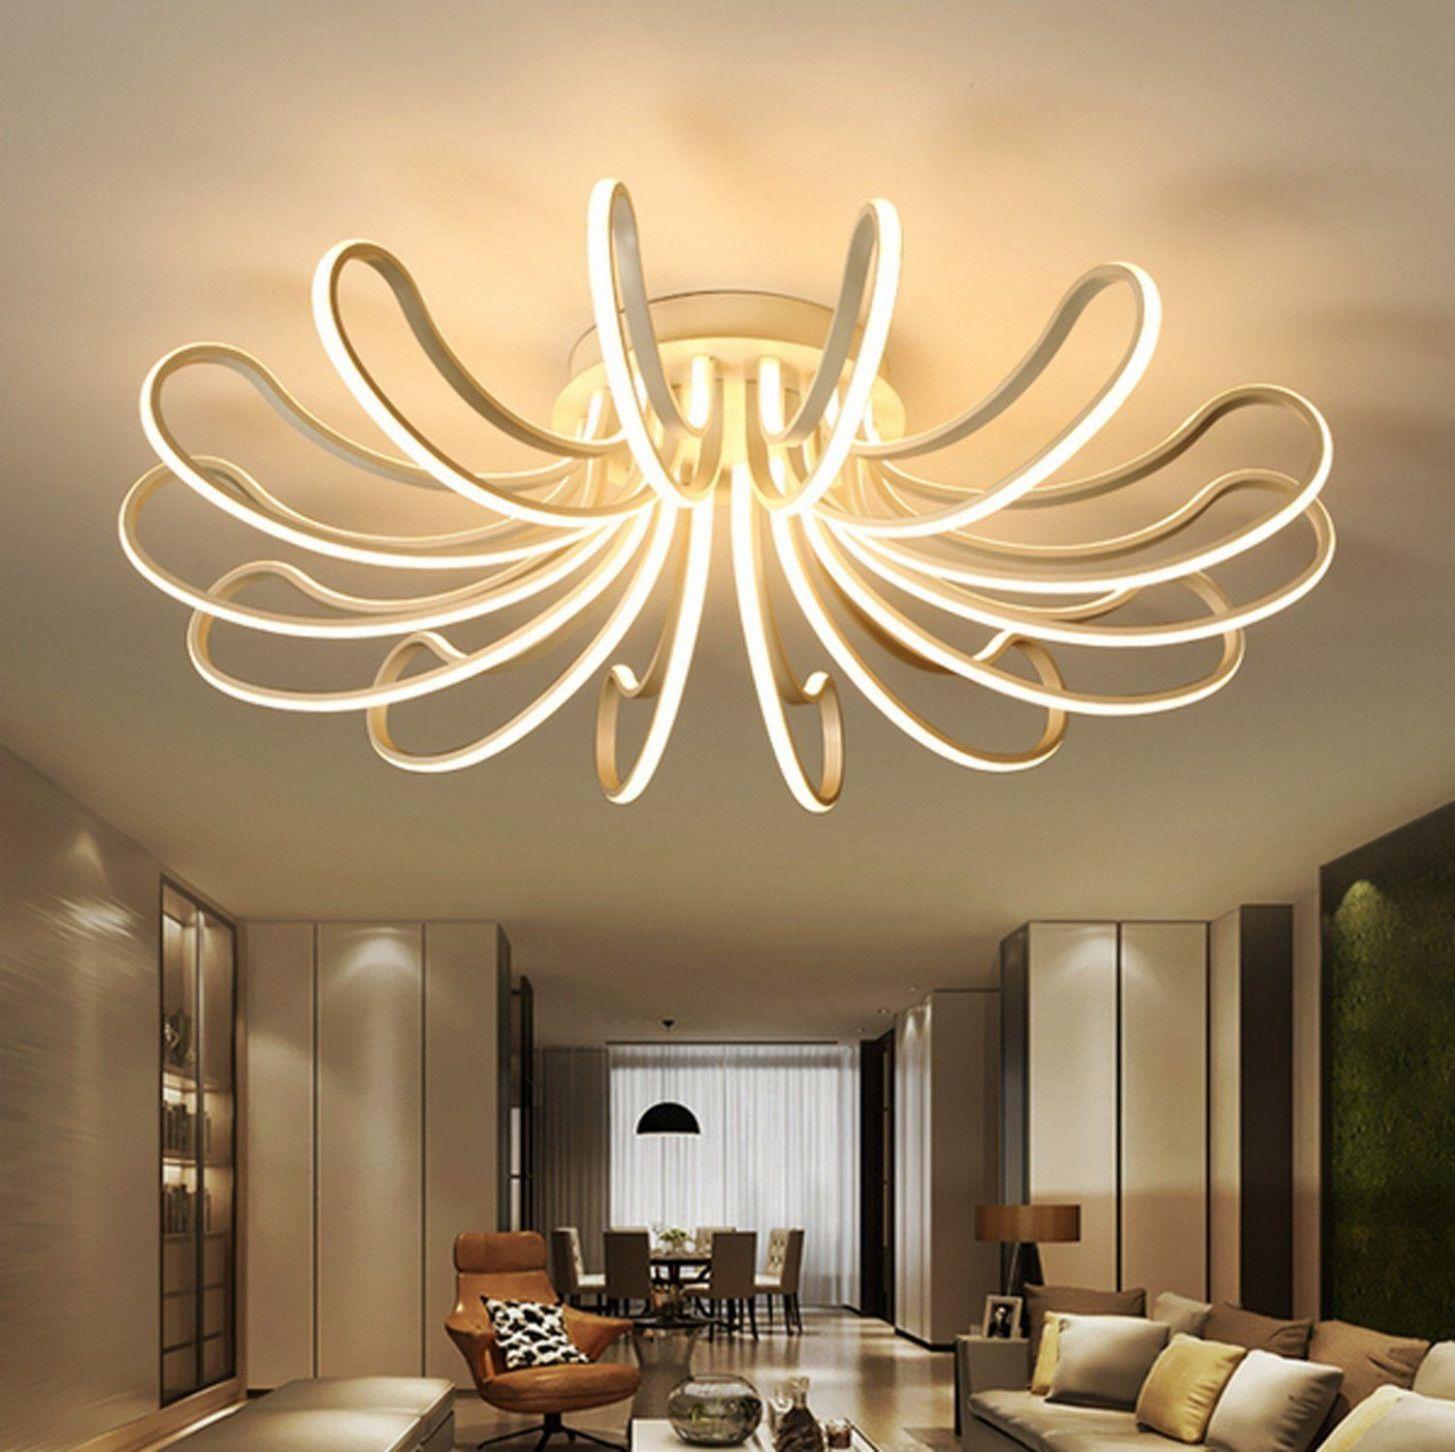 14 Wohnzimmer Deckenleuchten Fashionable In 2020 Lampen Wohnzimmer Wohnzimmer Leuchte Hangelampe Wohnzimmer